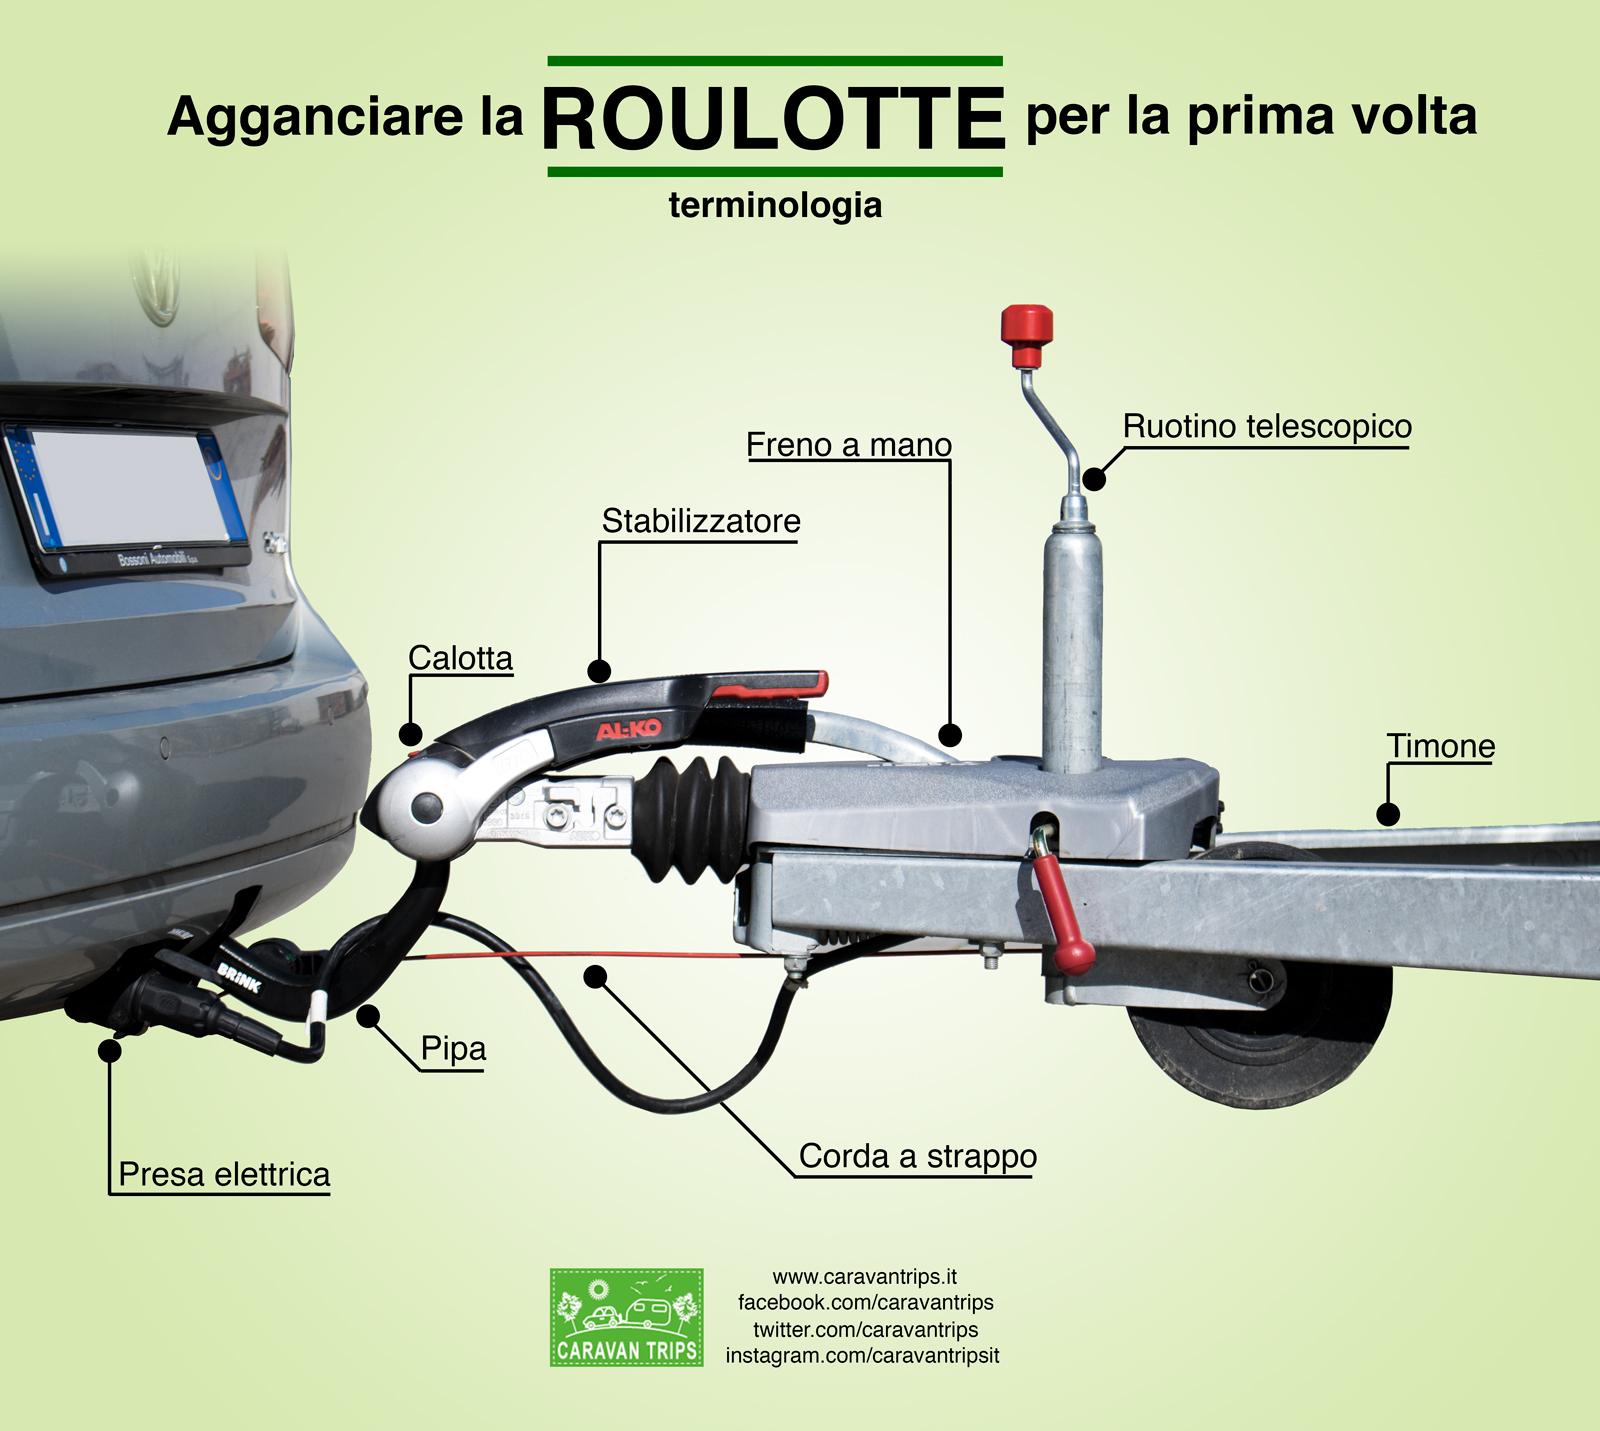 Schema Elettrico Cablaggio Gancio Traino : Agganciare la roulotte per prima volta come farlo ed